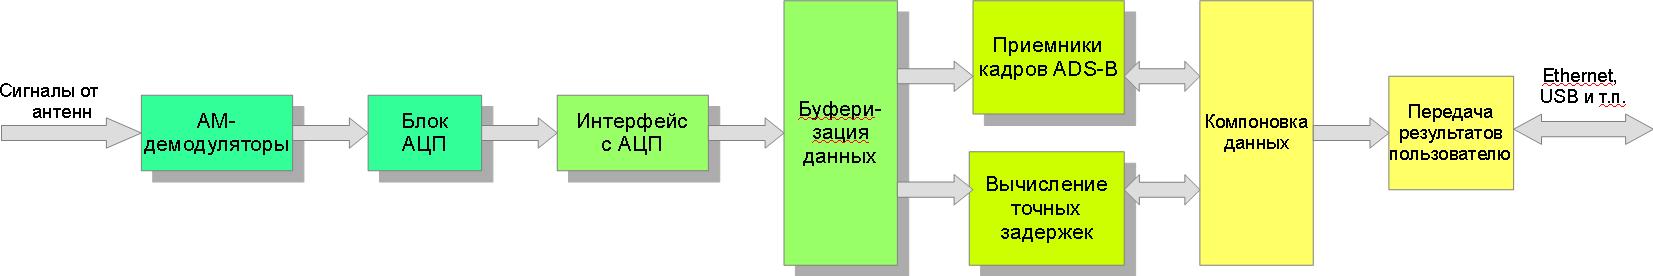 Система пространственного позиционирования для авиации (применяем FPGA) - 3